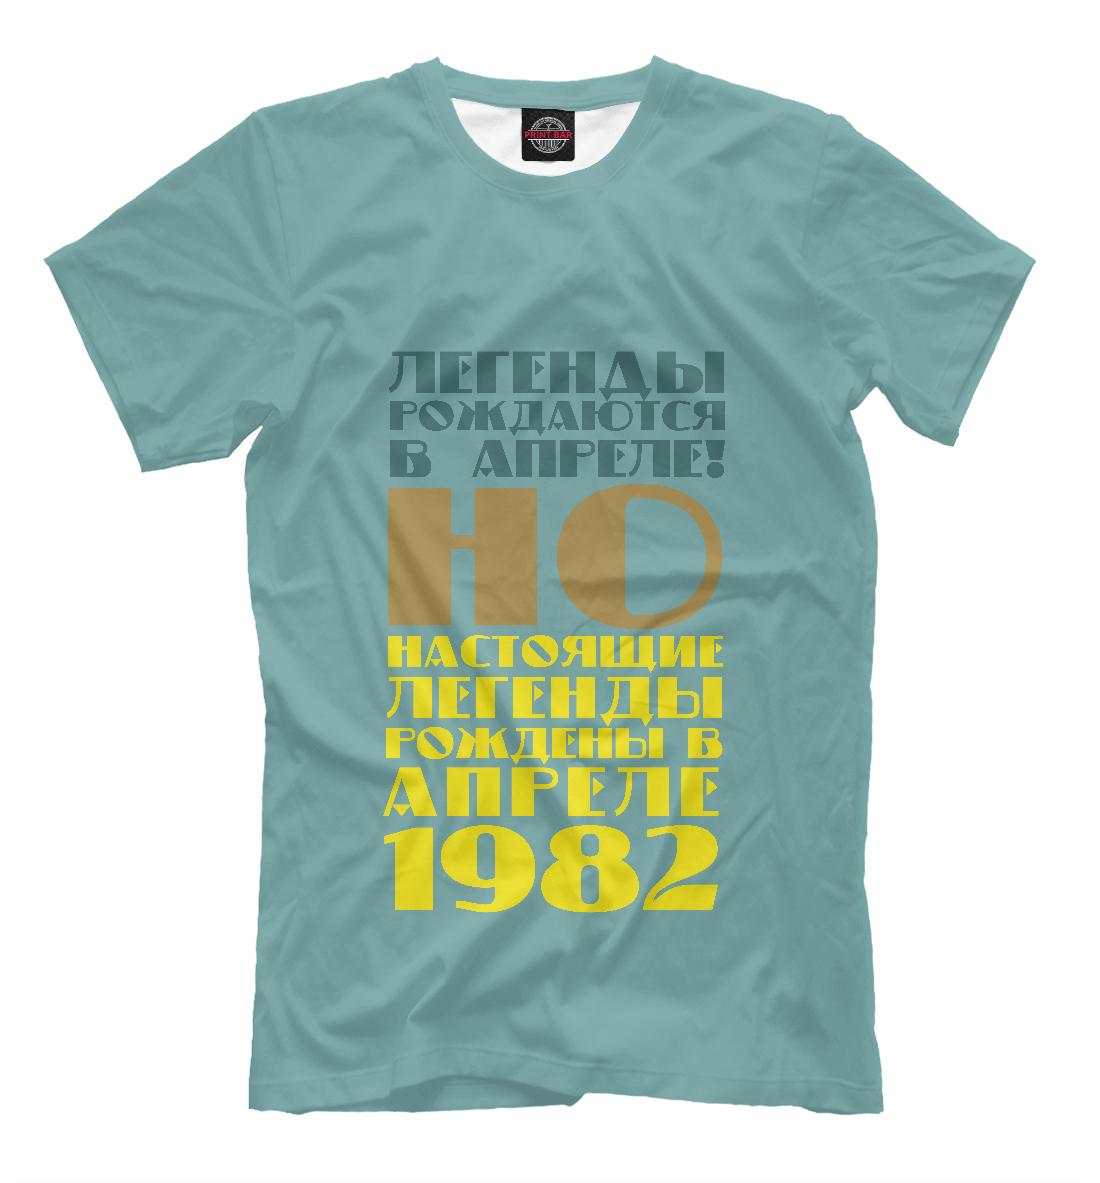 Апрель 1982 апрель 1982